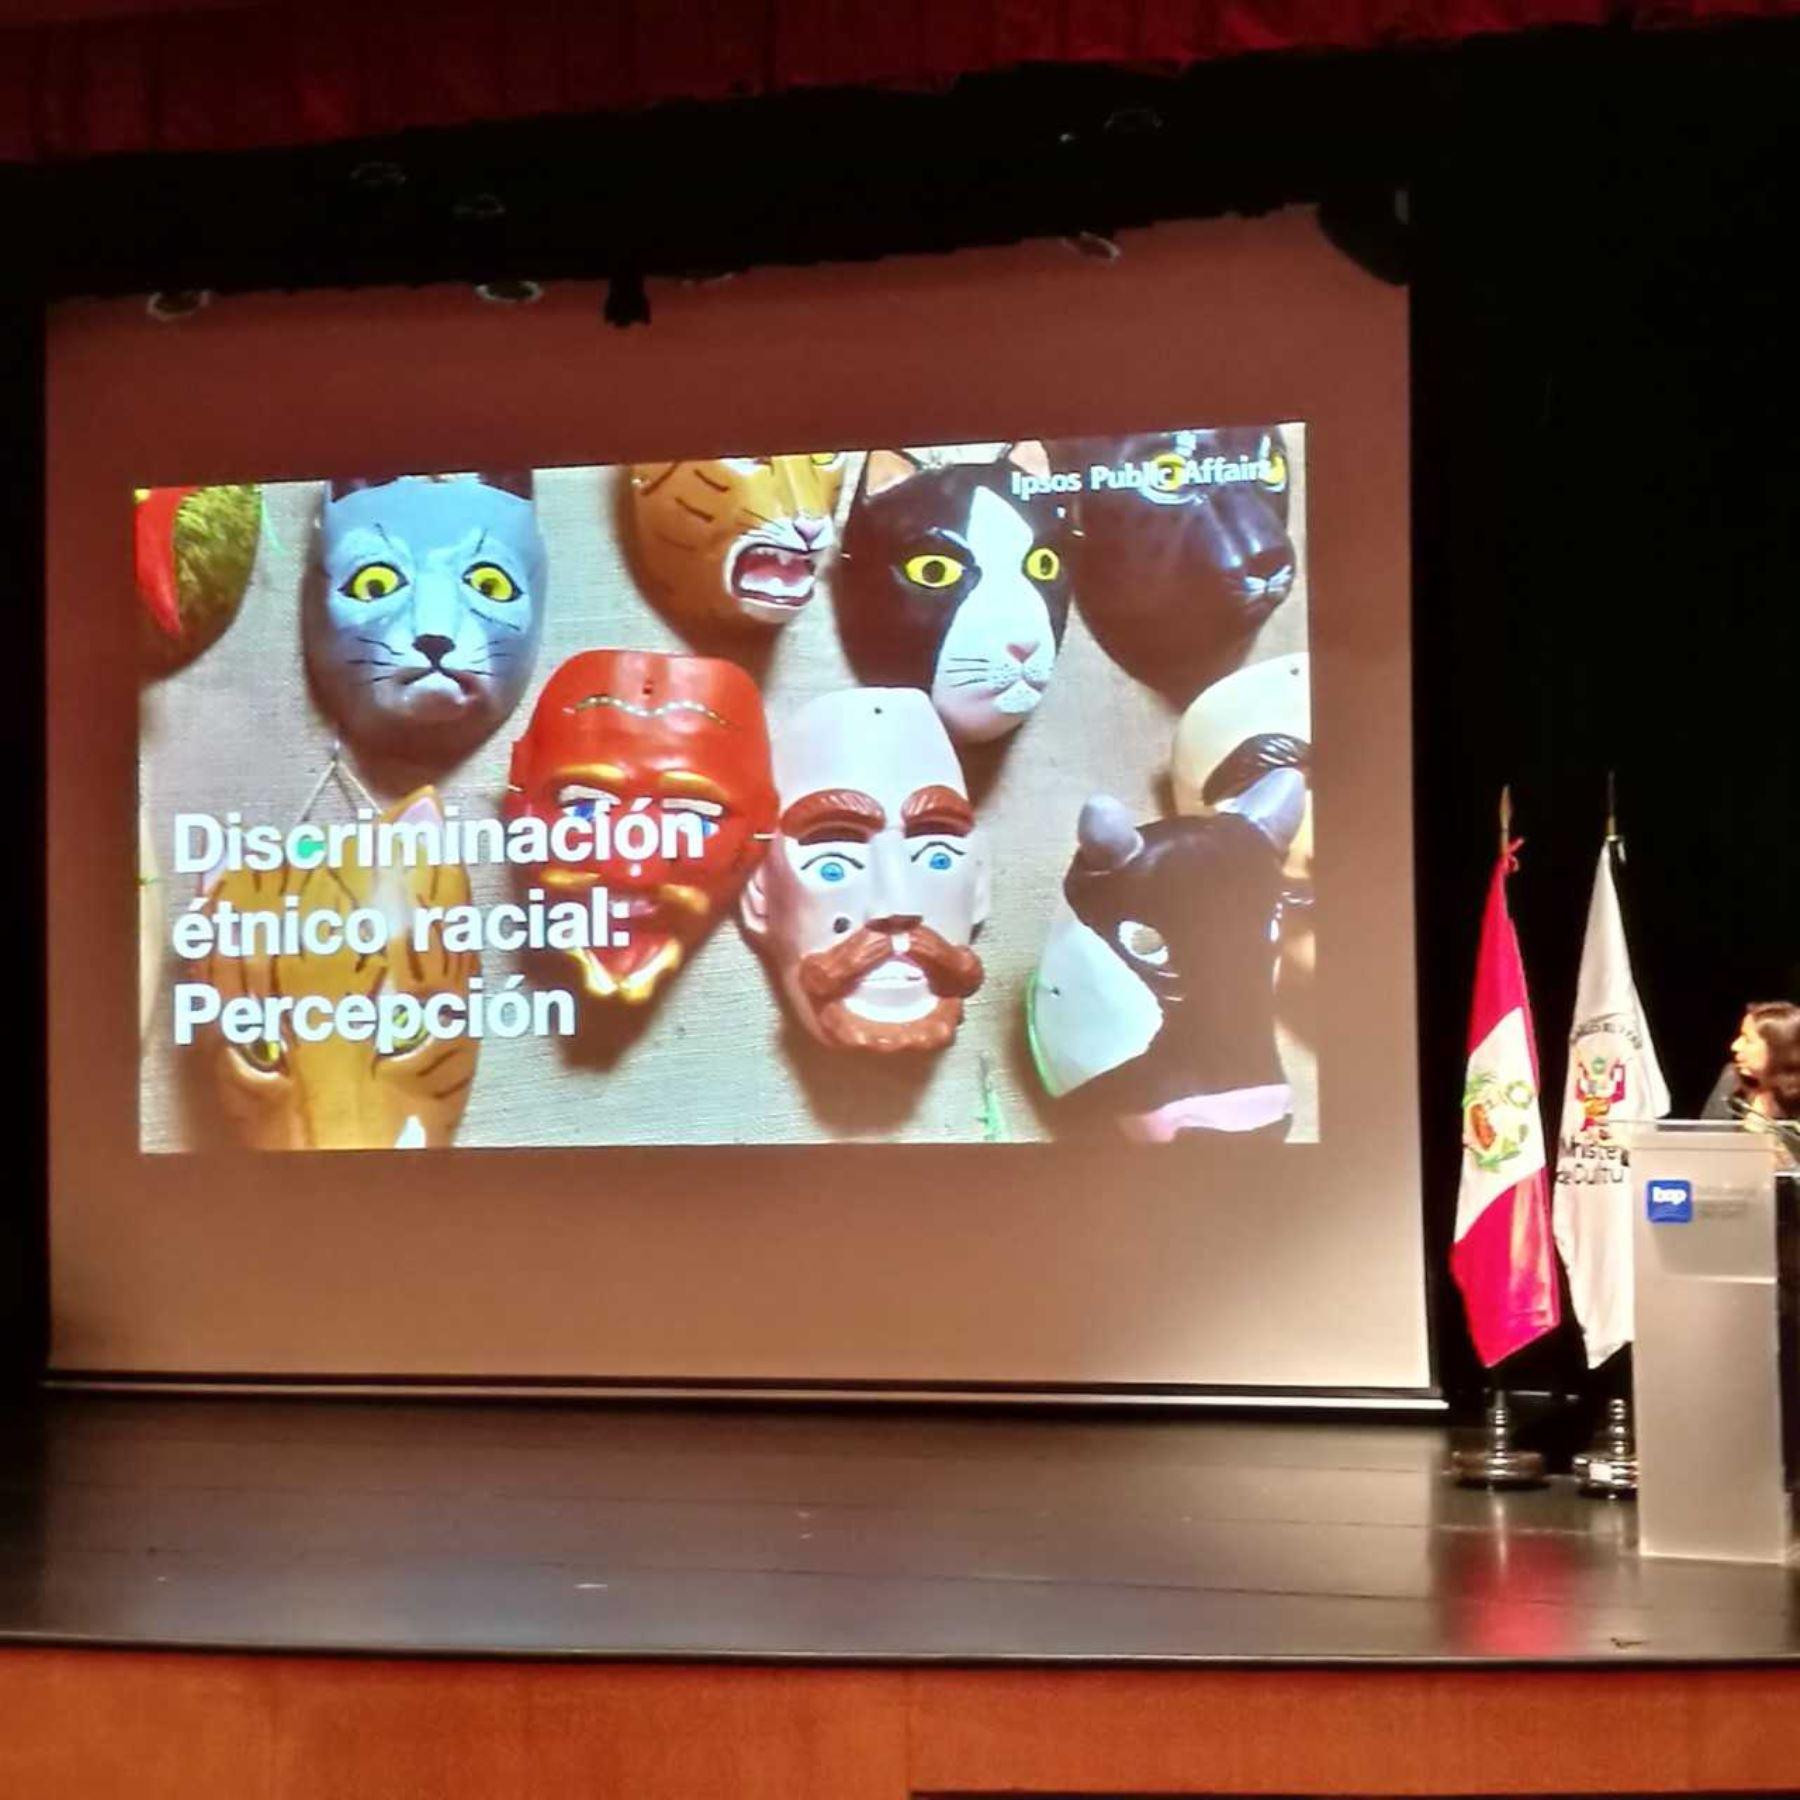 La mayoría de peruanos son racistas o muy racistas y también desconoce o no entiende lo que significa la diversidad cultural, revela la Primera Encuesta Nacional de Percepciones y Actitudes sobre Diversidad Cultural y Discriminación Étnico-Racial, planificada y dada a conocer hoy por el Ministerio de Cultura.